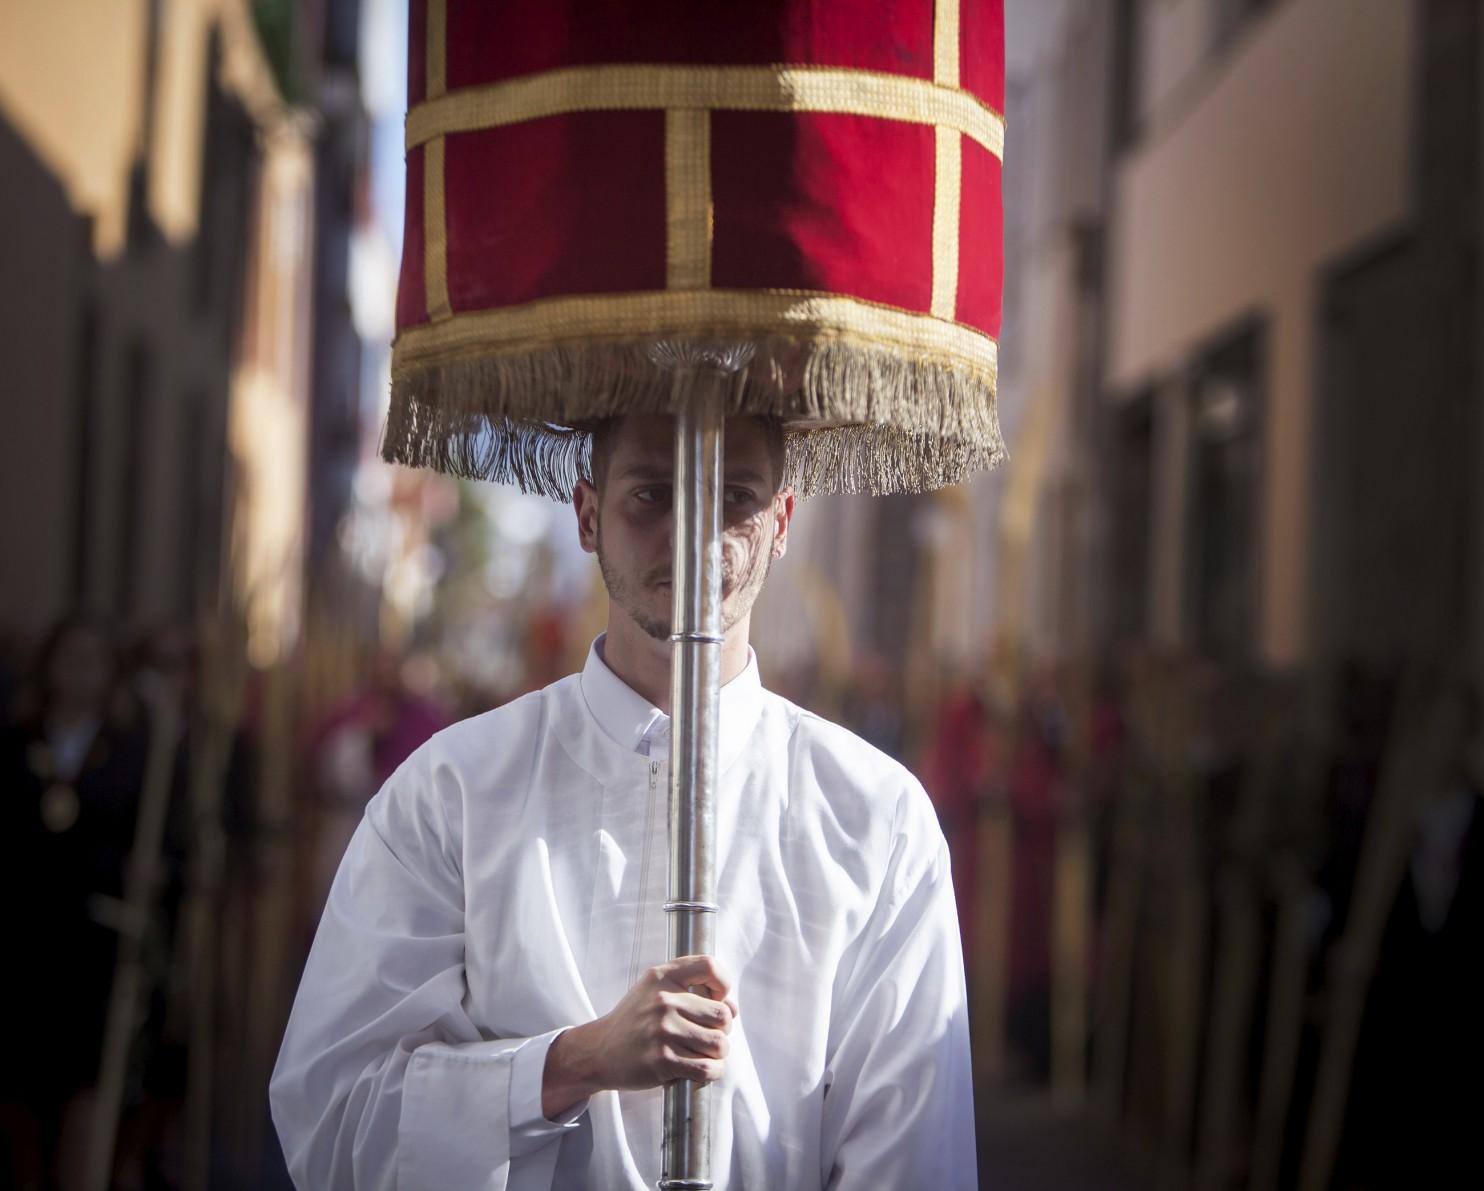 Impresionates Imágenes de Semana Santa alrededor del mundo 5